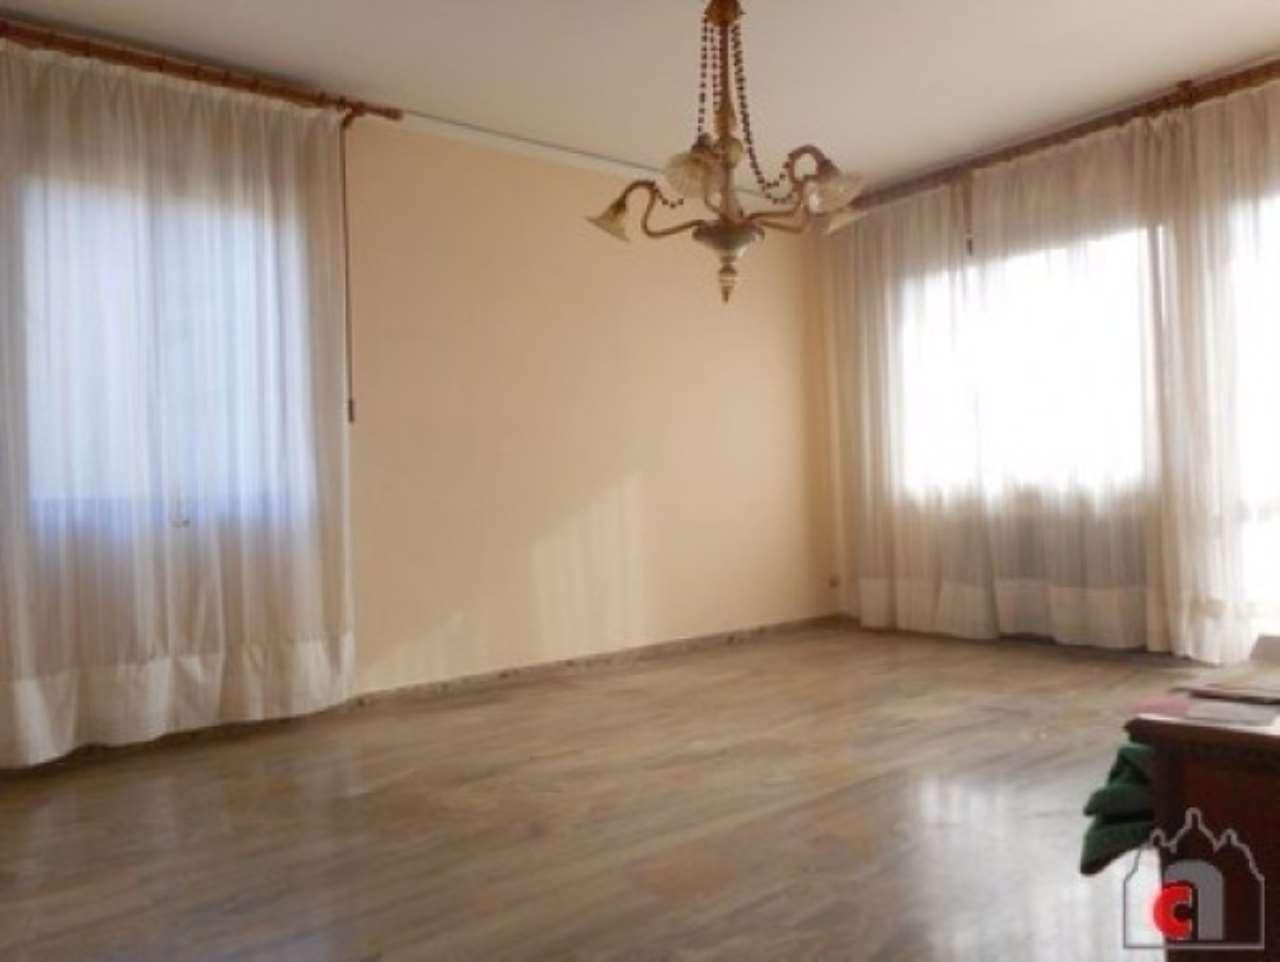 Appartamento in vendita a Padova, 5 locali, zona Zona: 6 . Ovest (Brentella-Valsugana), prezzo € 98.000 | Cambio Casa.it